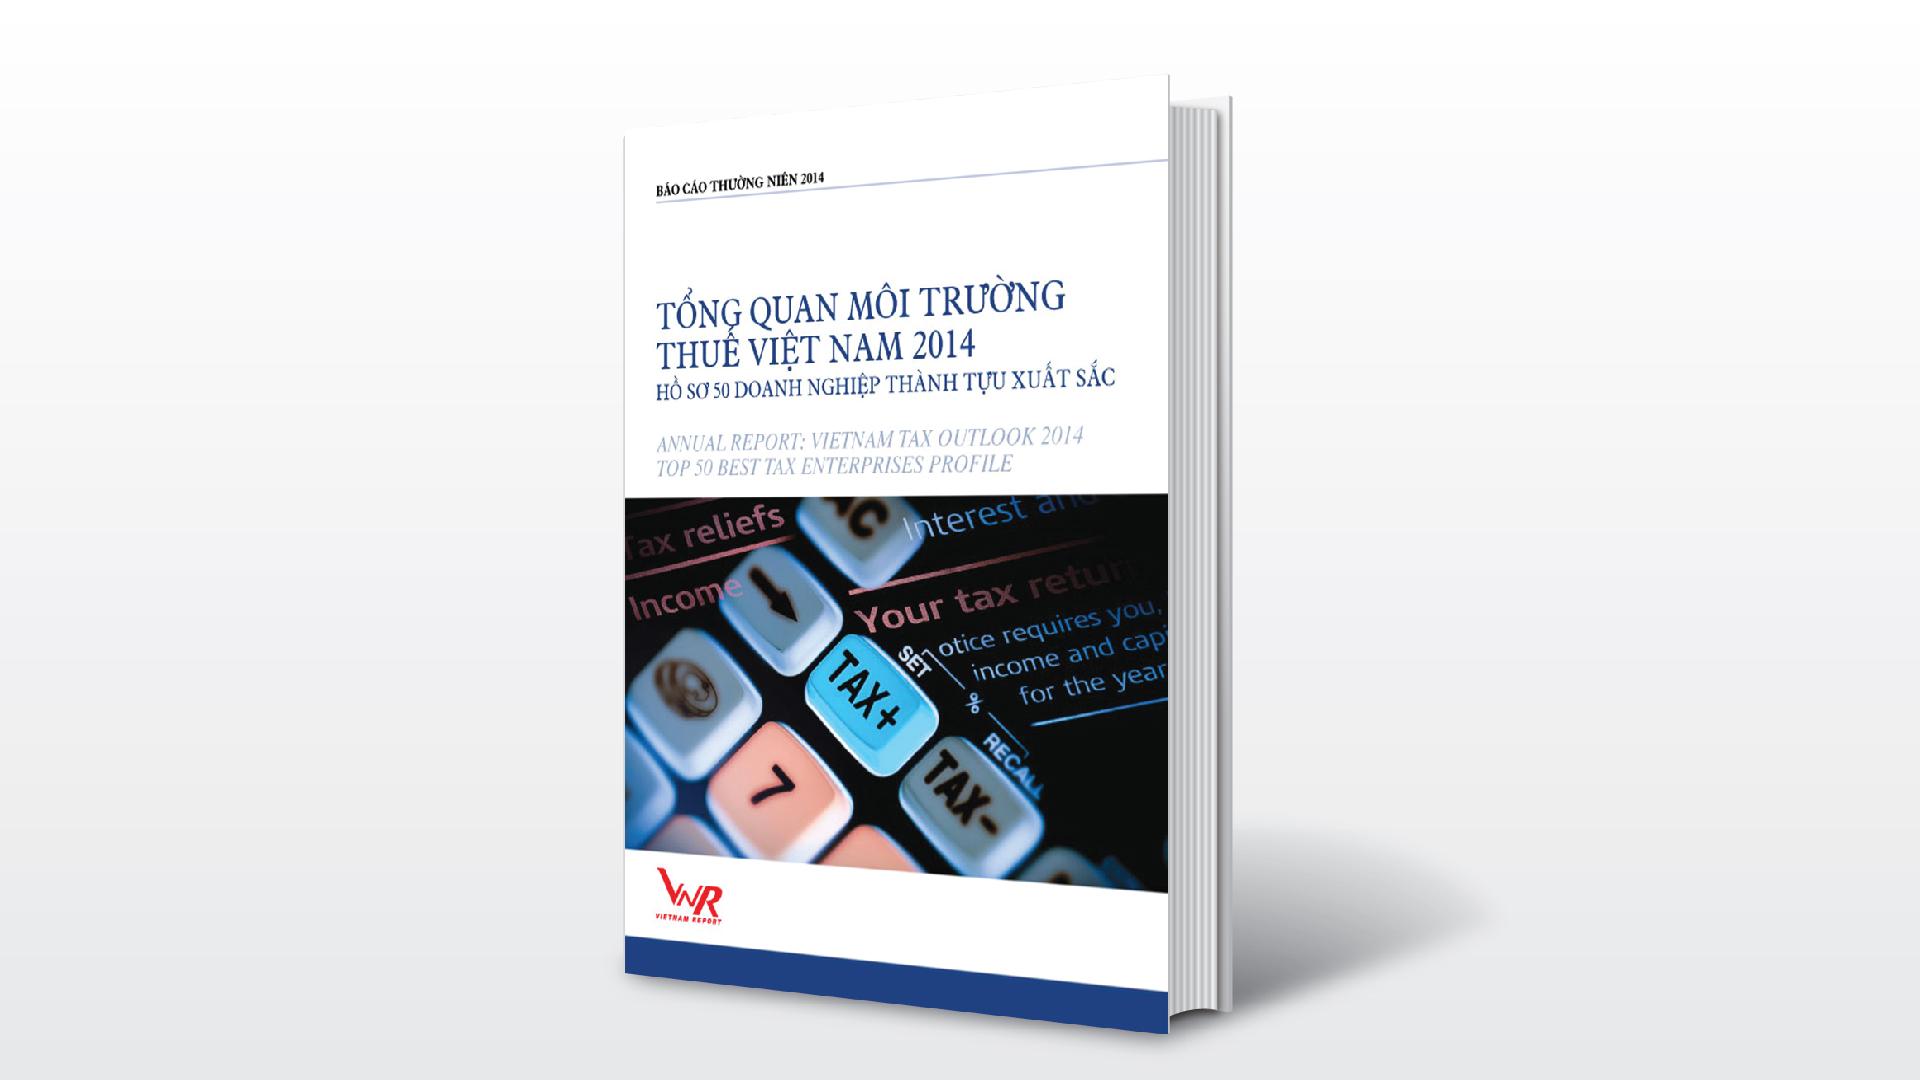 17/11/2014: Báo cáo thường niên Tổng quan Môi trường Thuế 2014